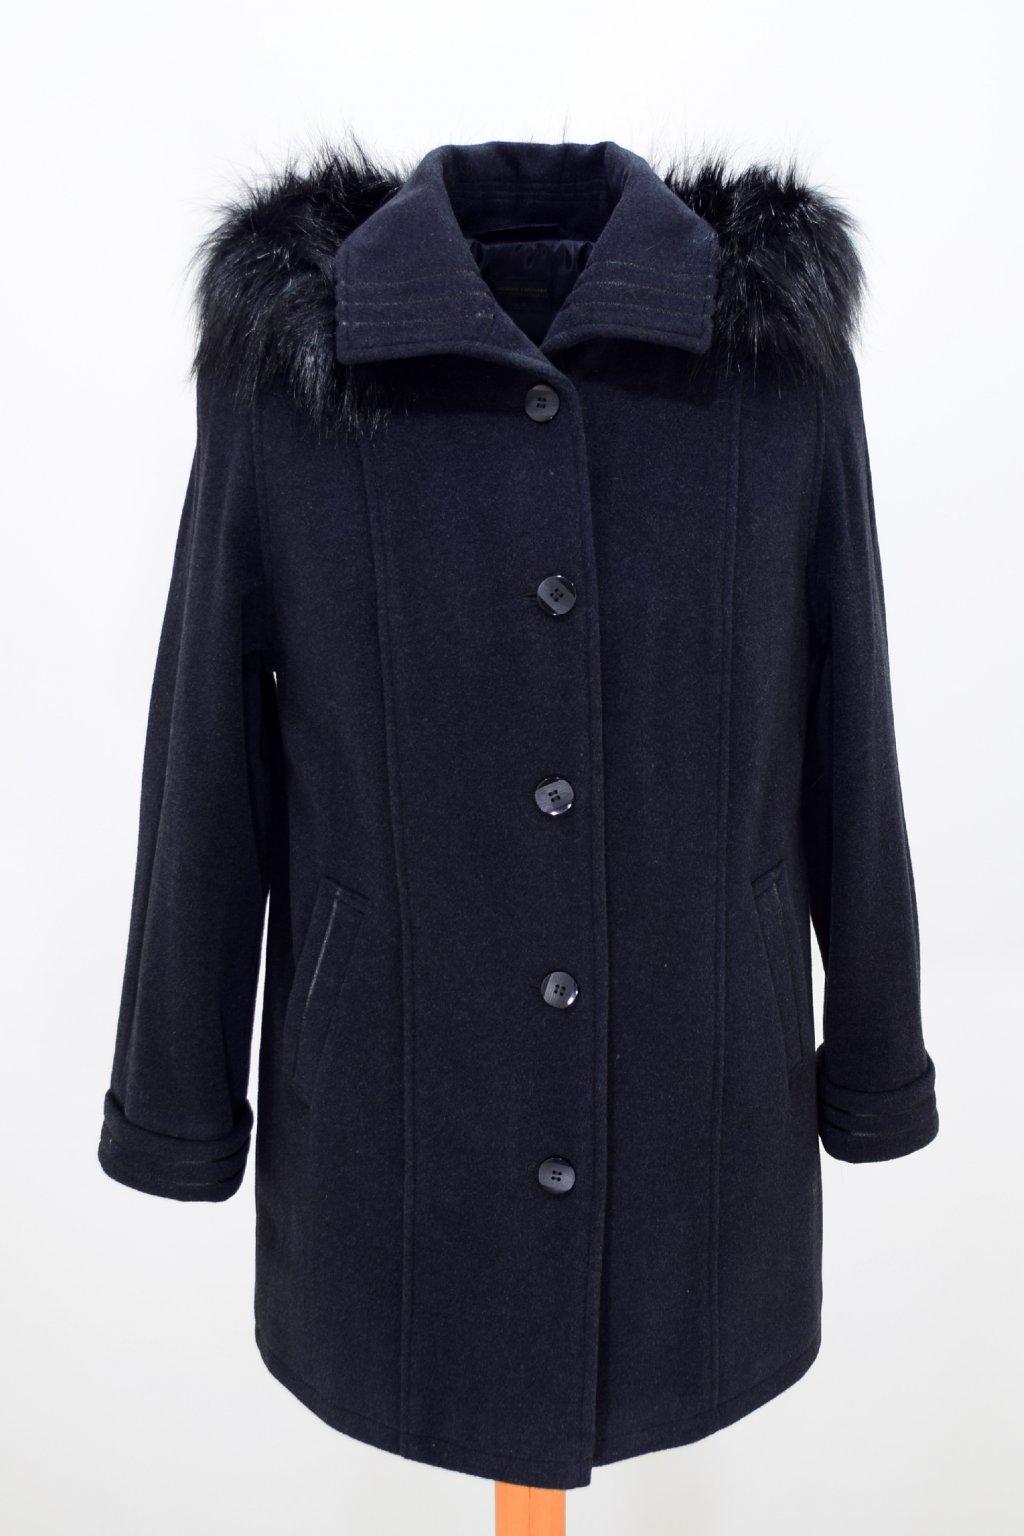 Dámský černý zimní kabát Renata nadměrné velikosti.